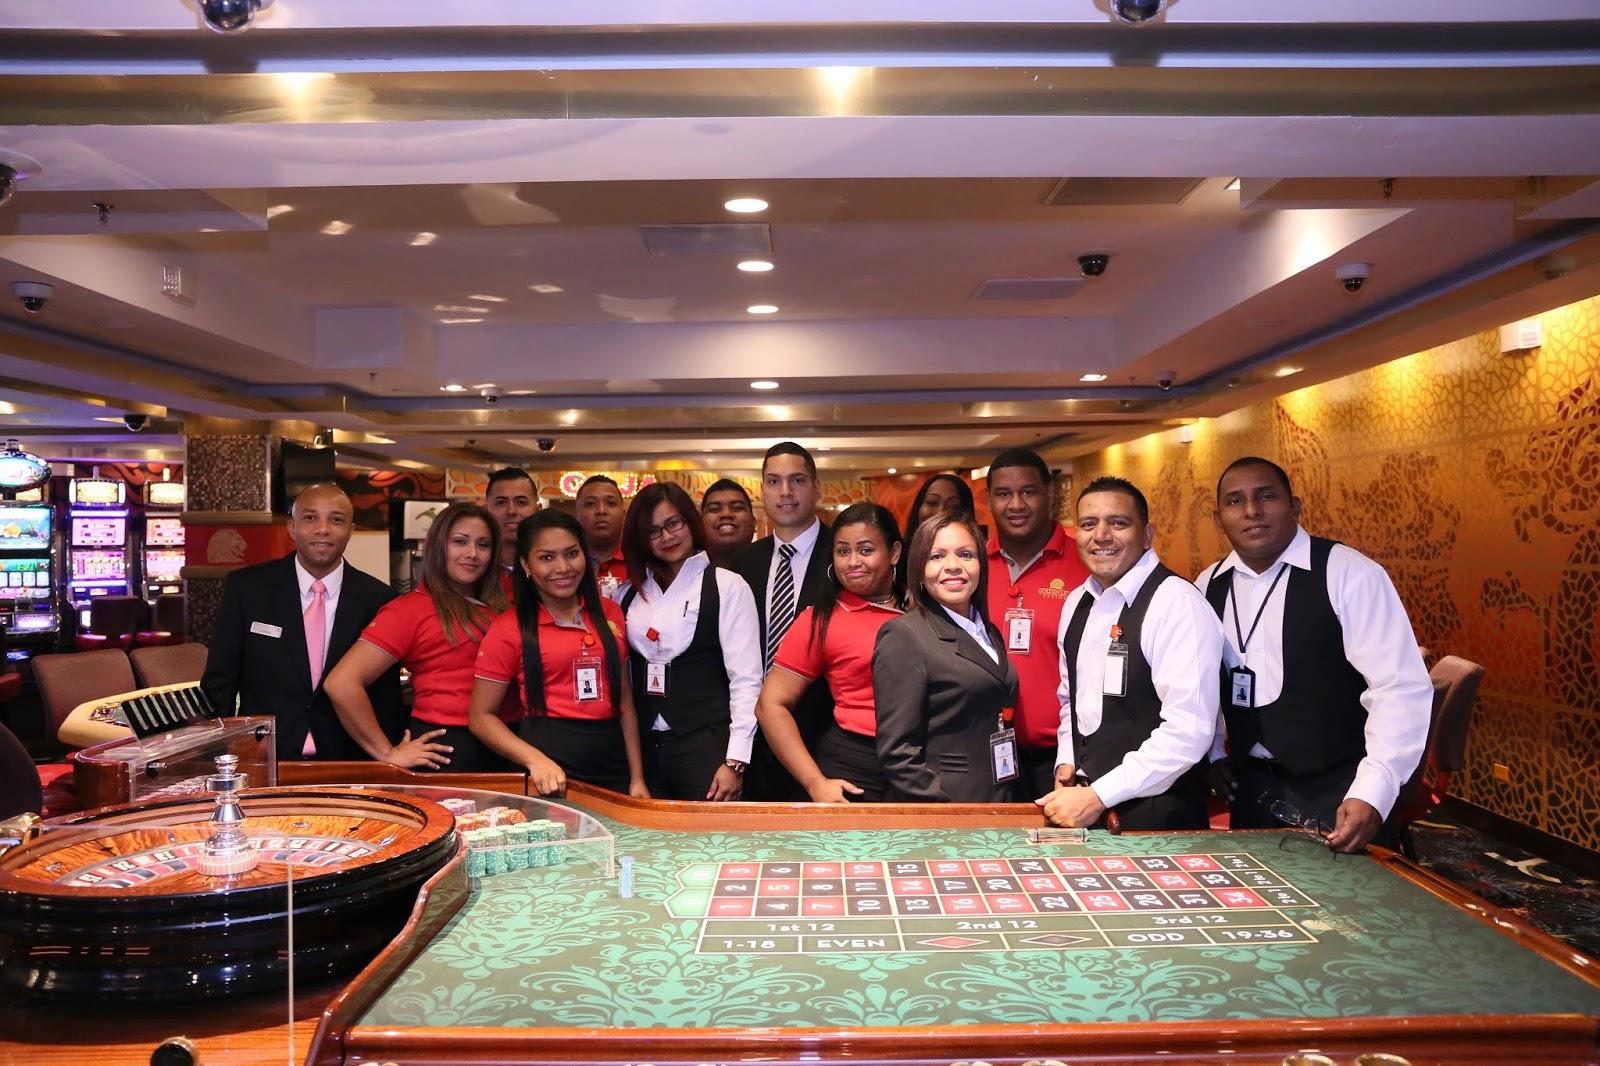 sortis & golden lion casino